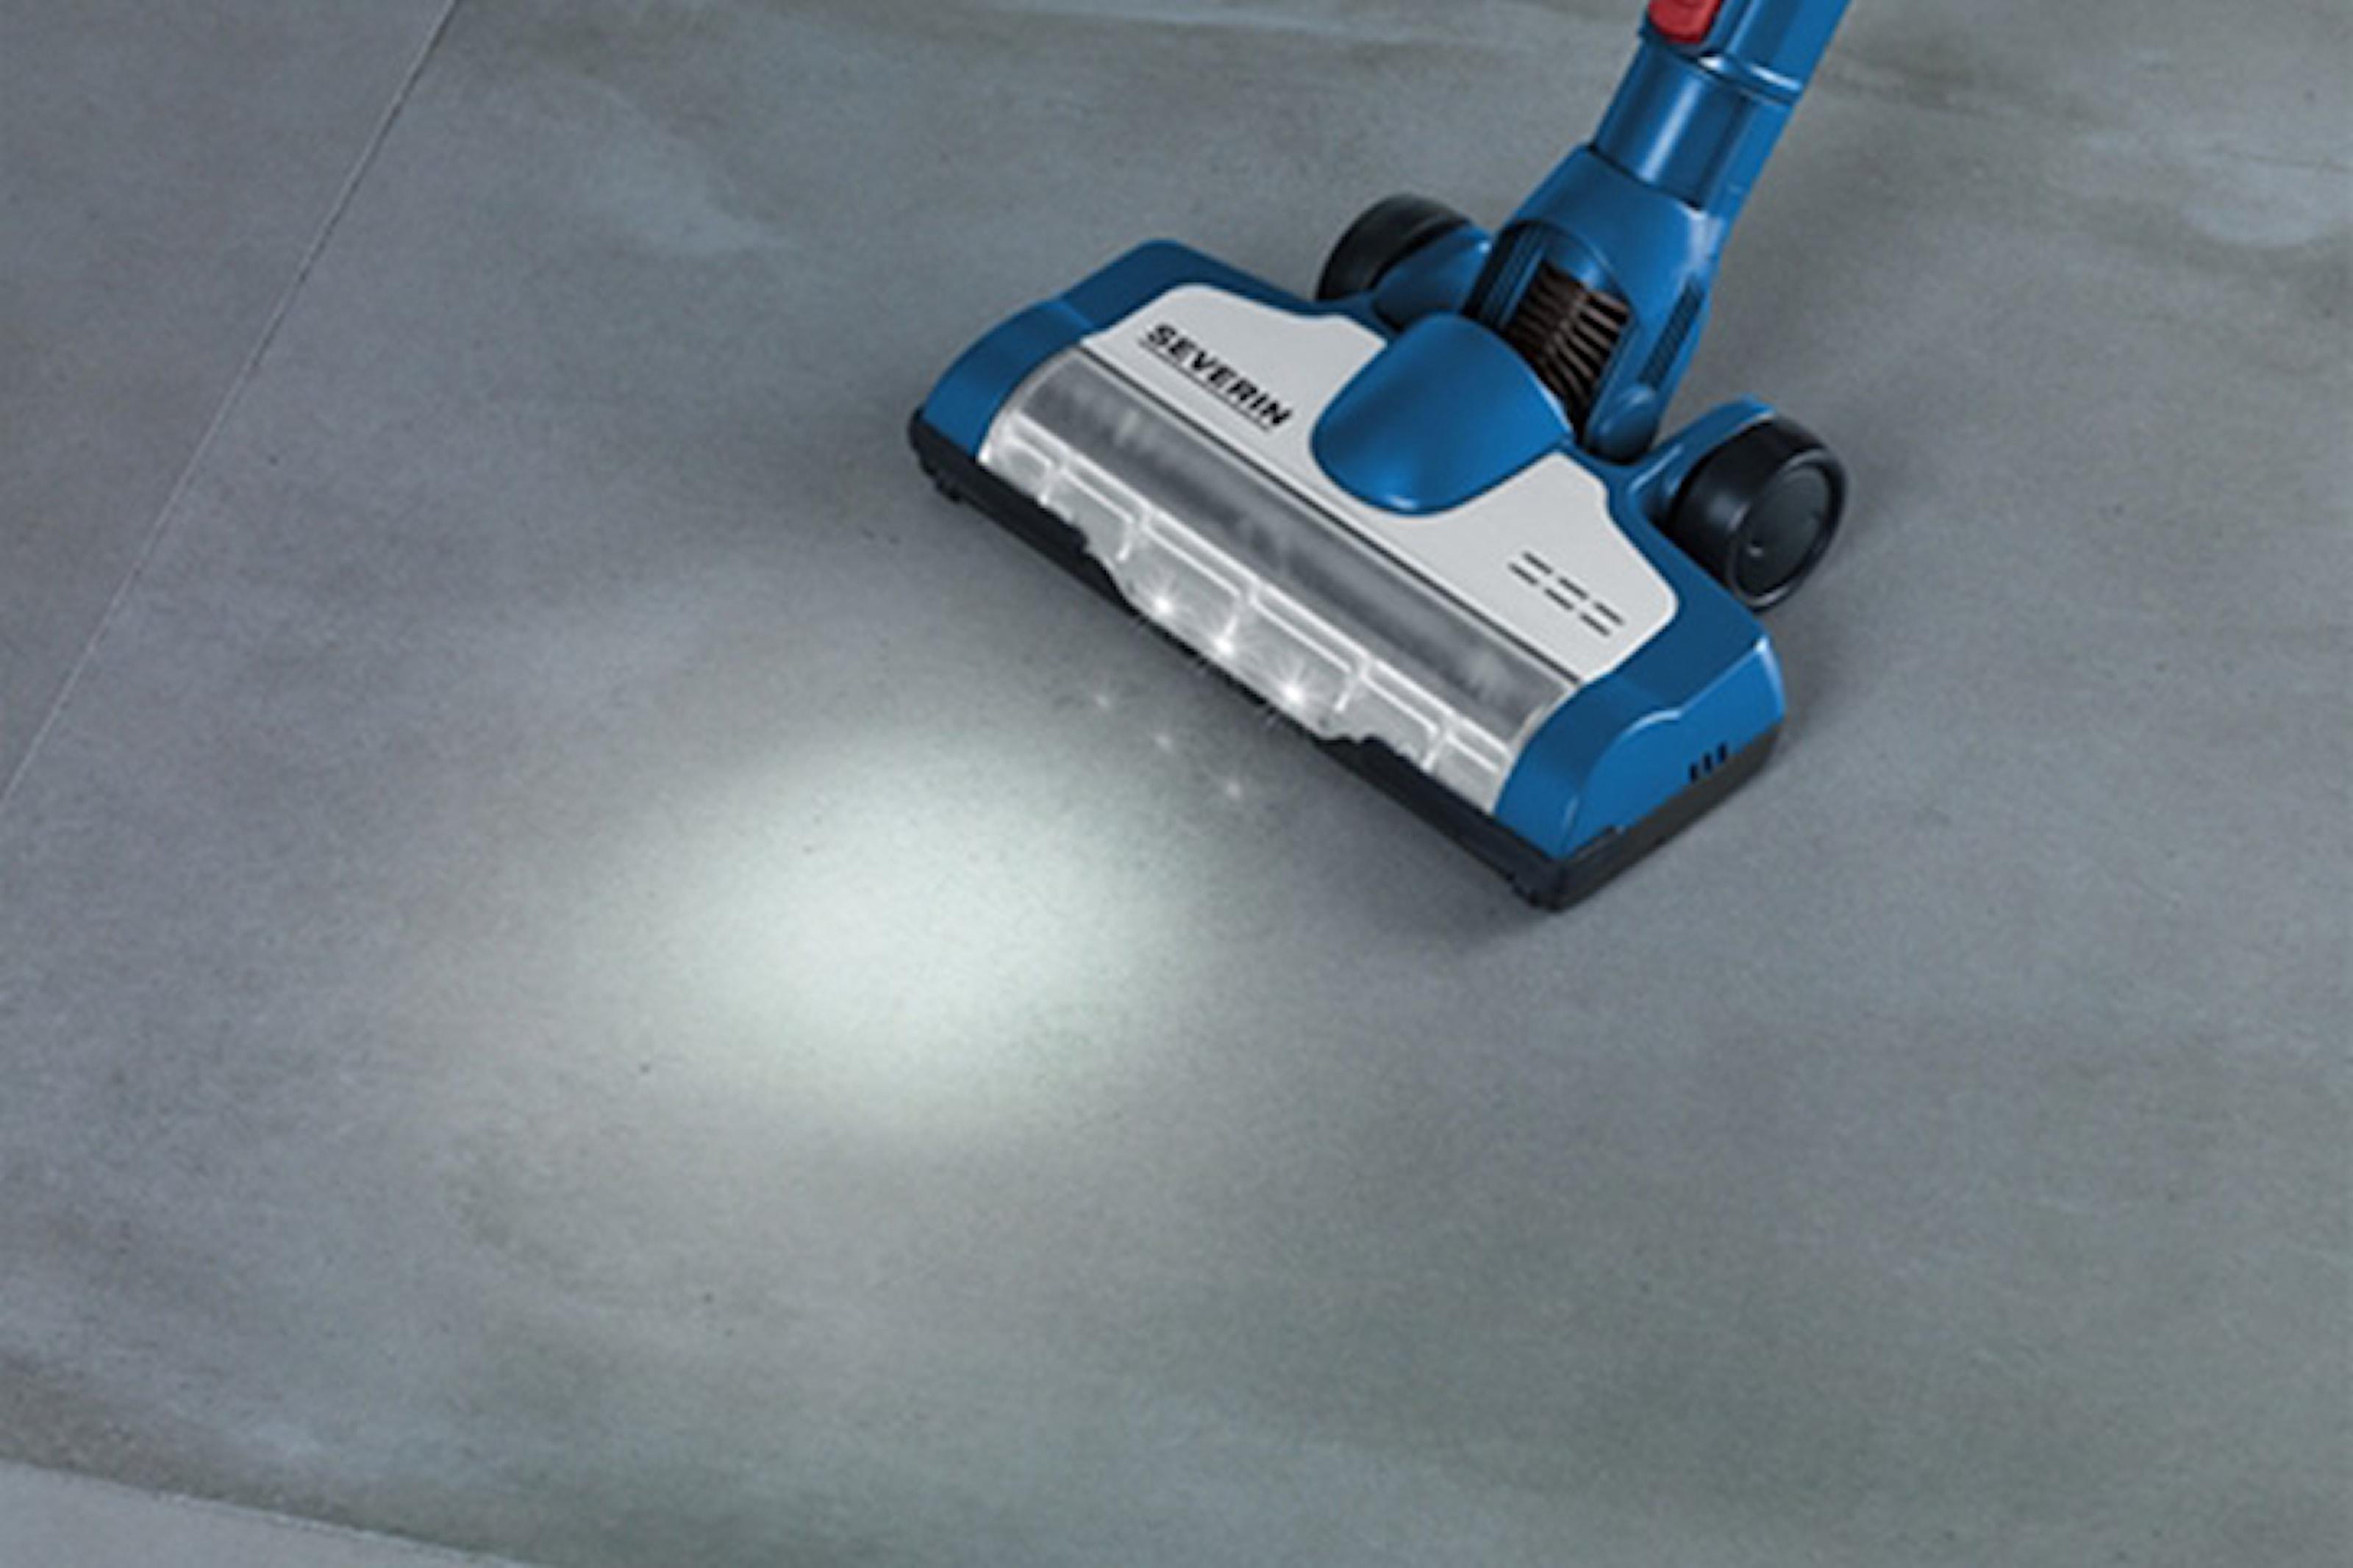 Skaftdammsugare – förbättrat golvmunstycke